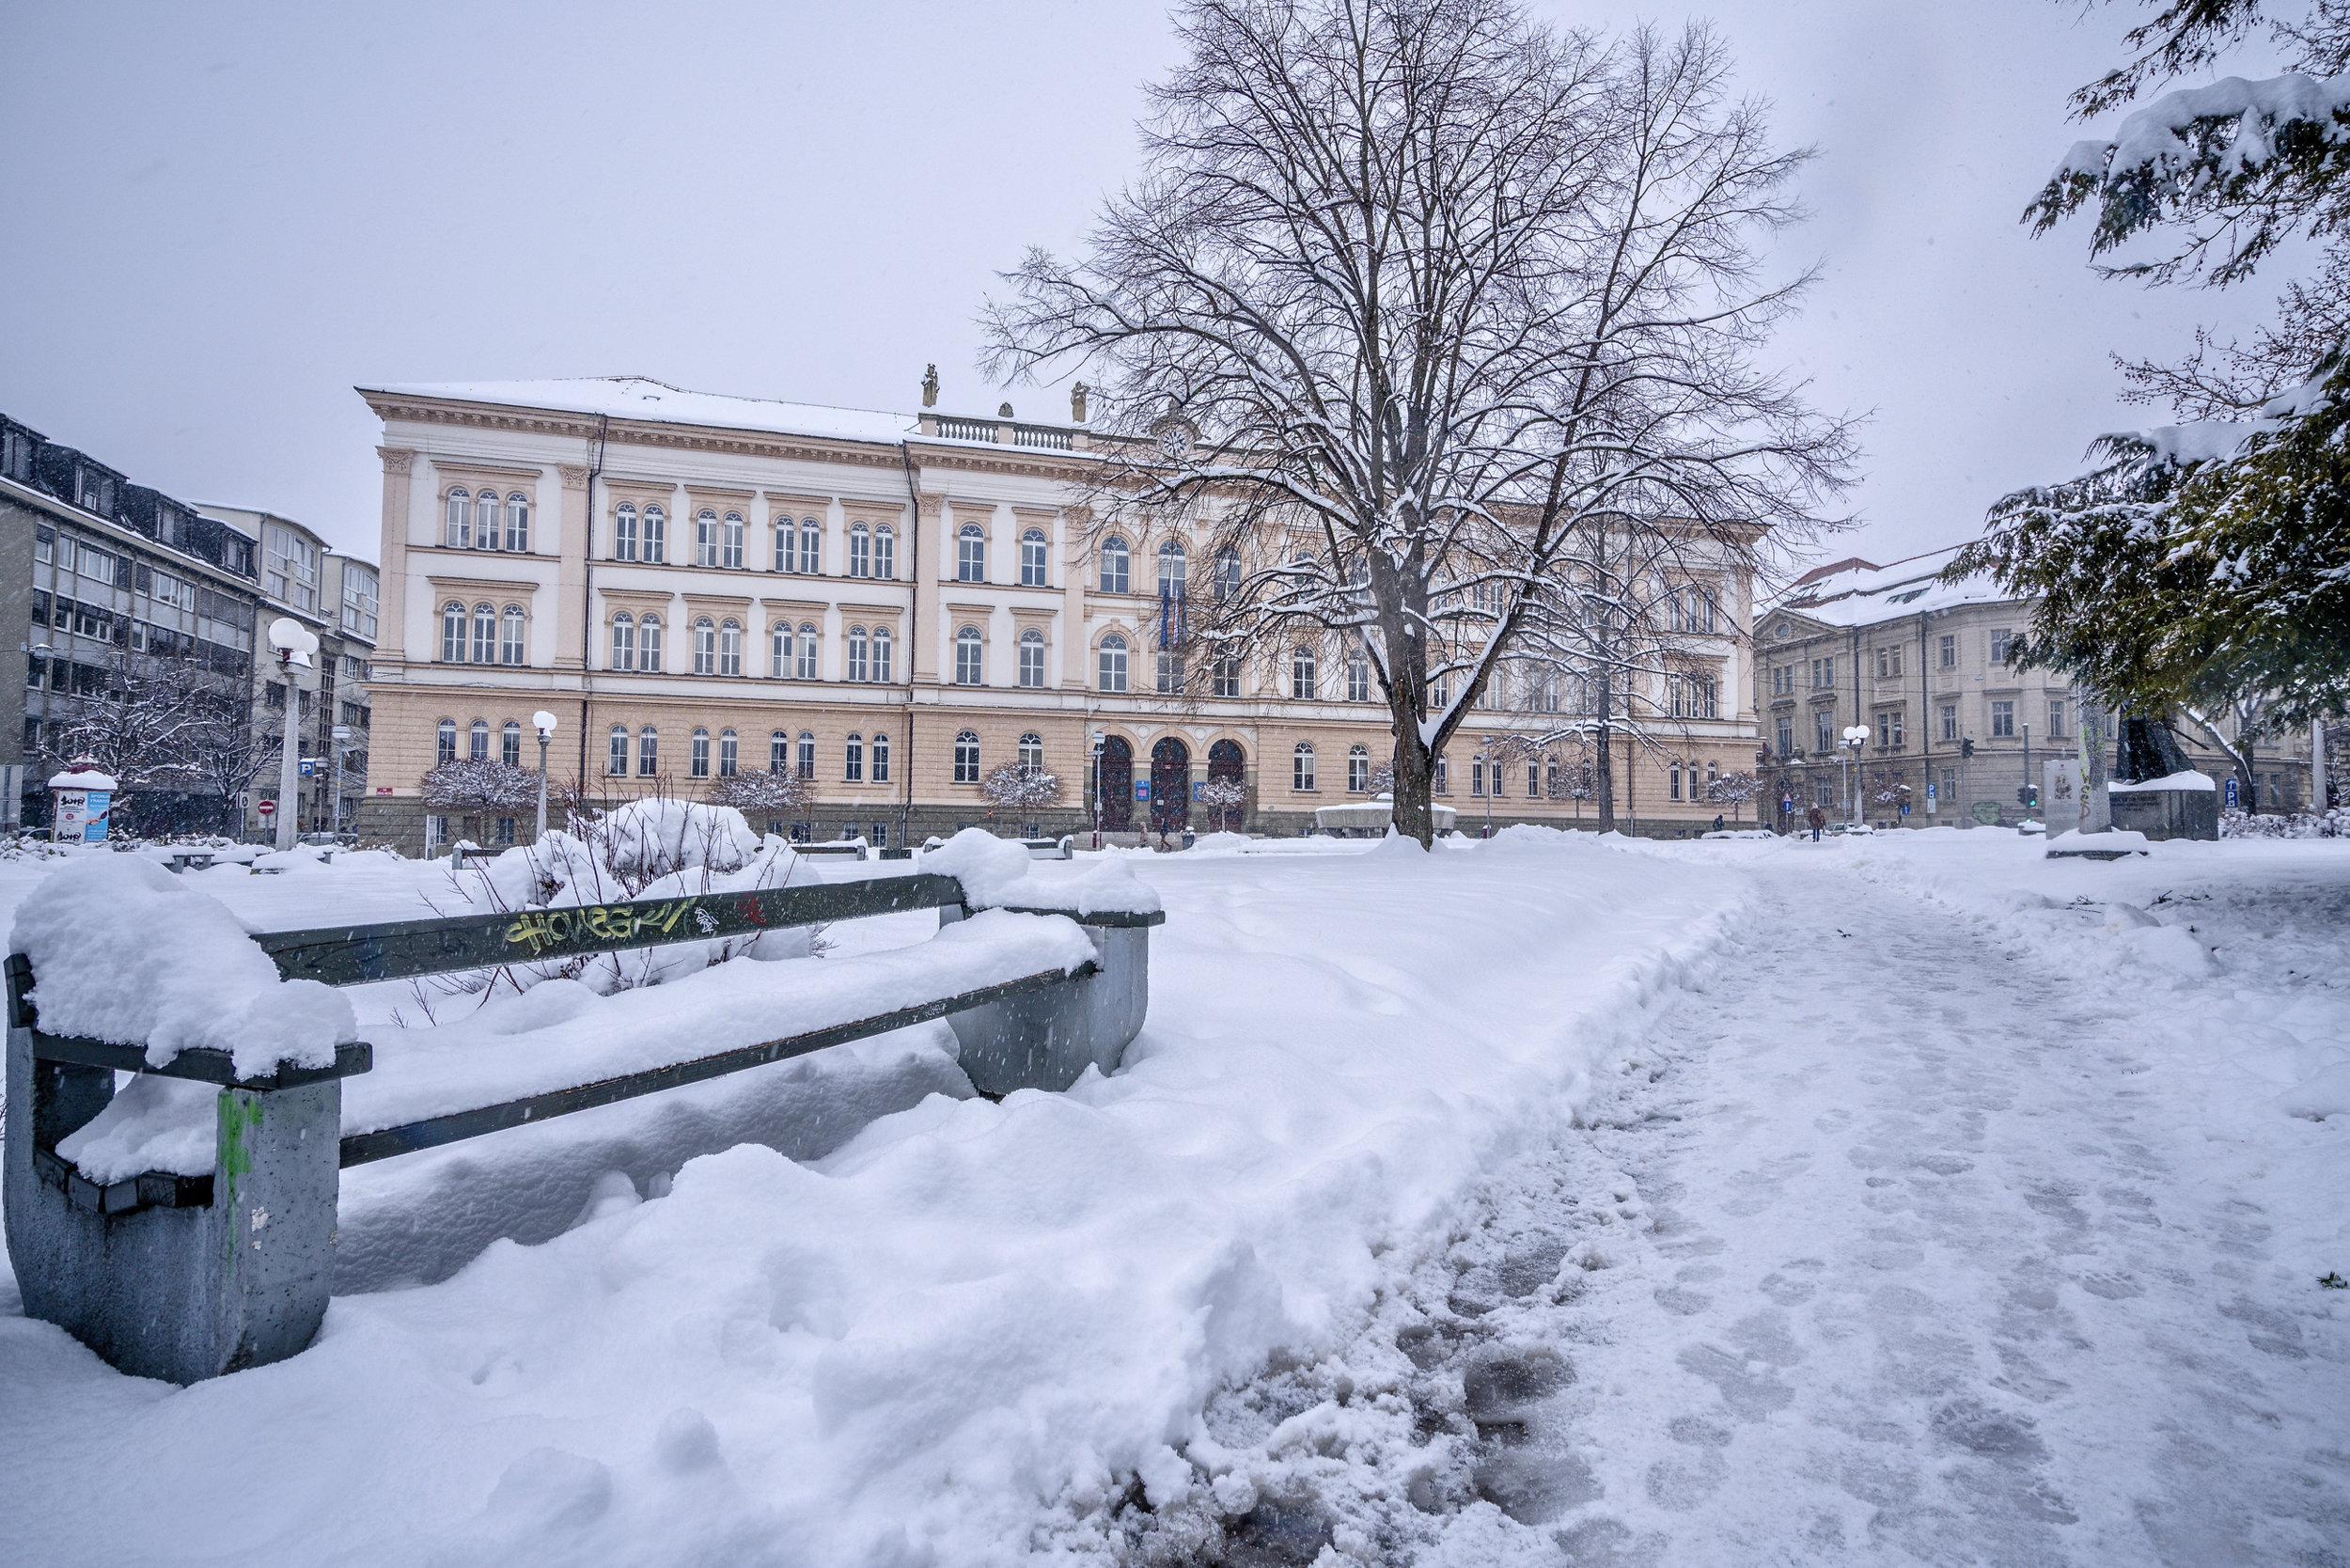 Park pred I. gimazijo Maribor ; februar 2018; sony ilce7rm3; sony fe 24 - 70